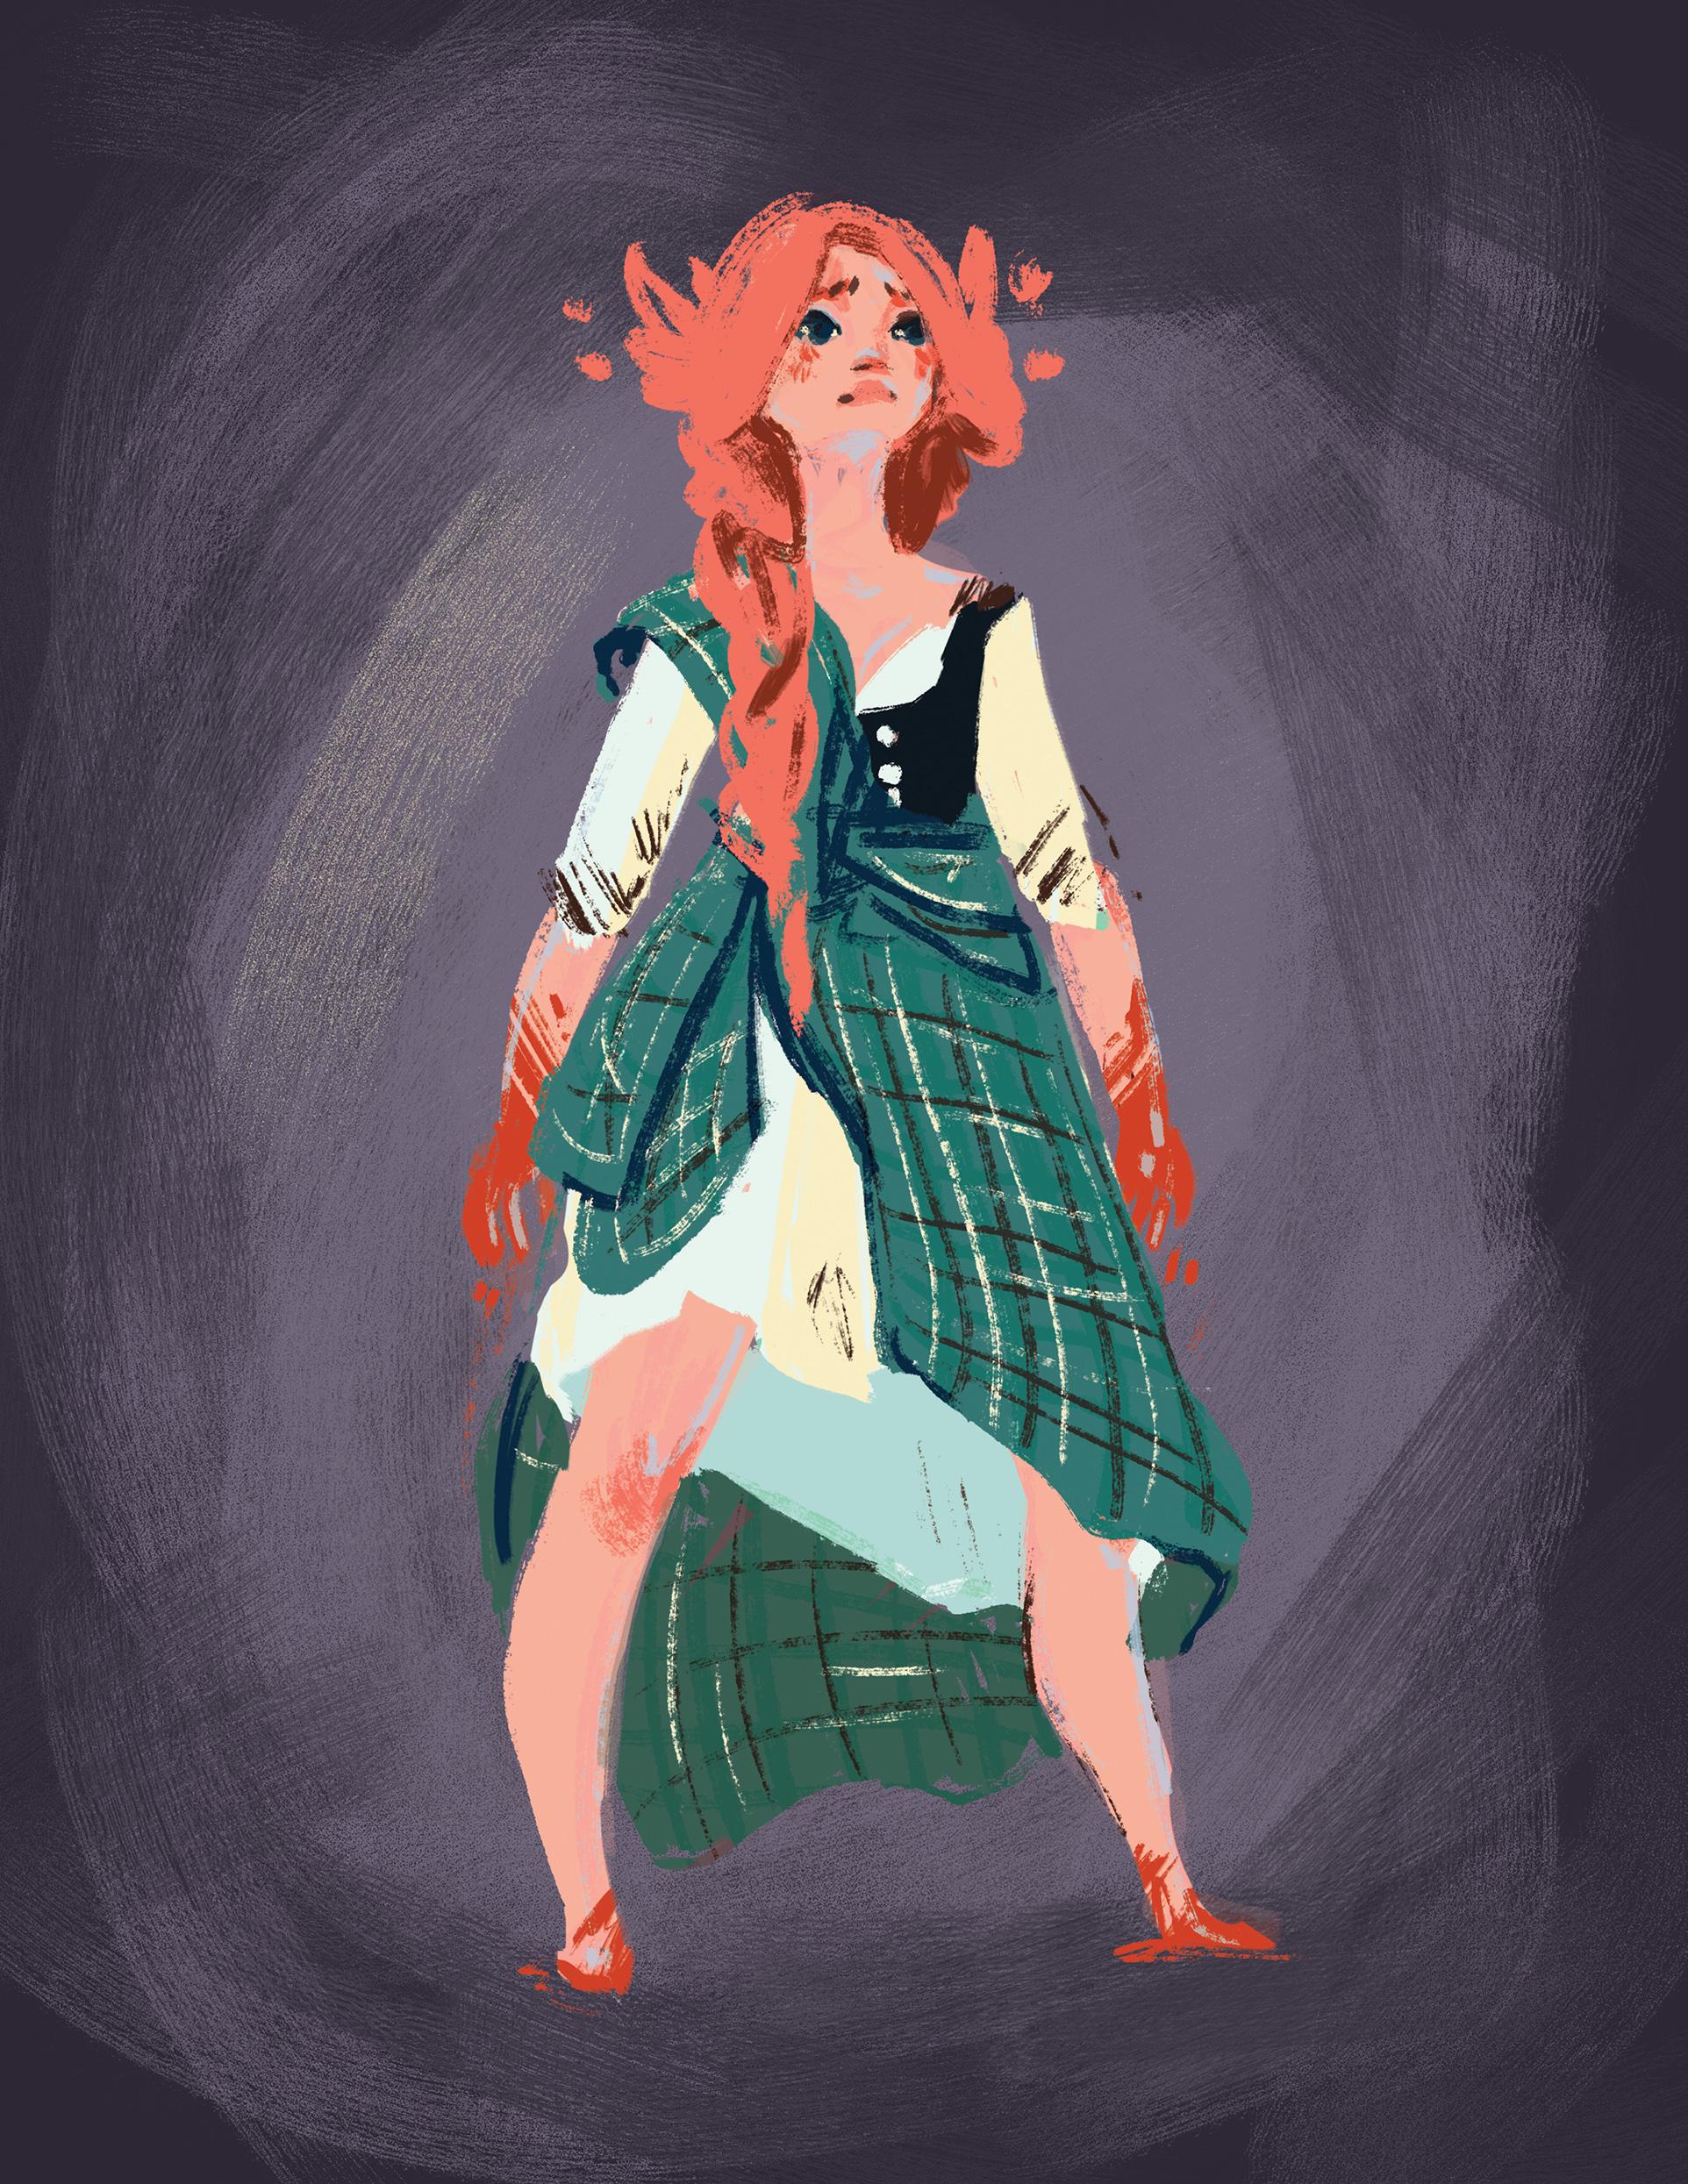 Irish girl character design